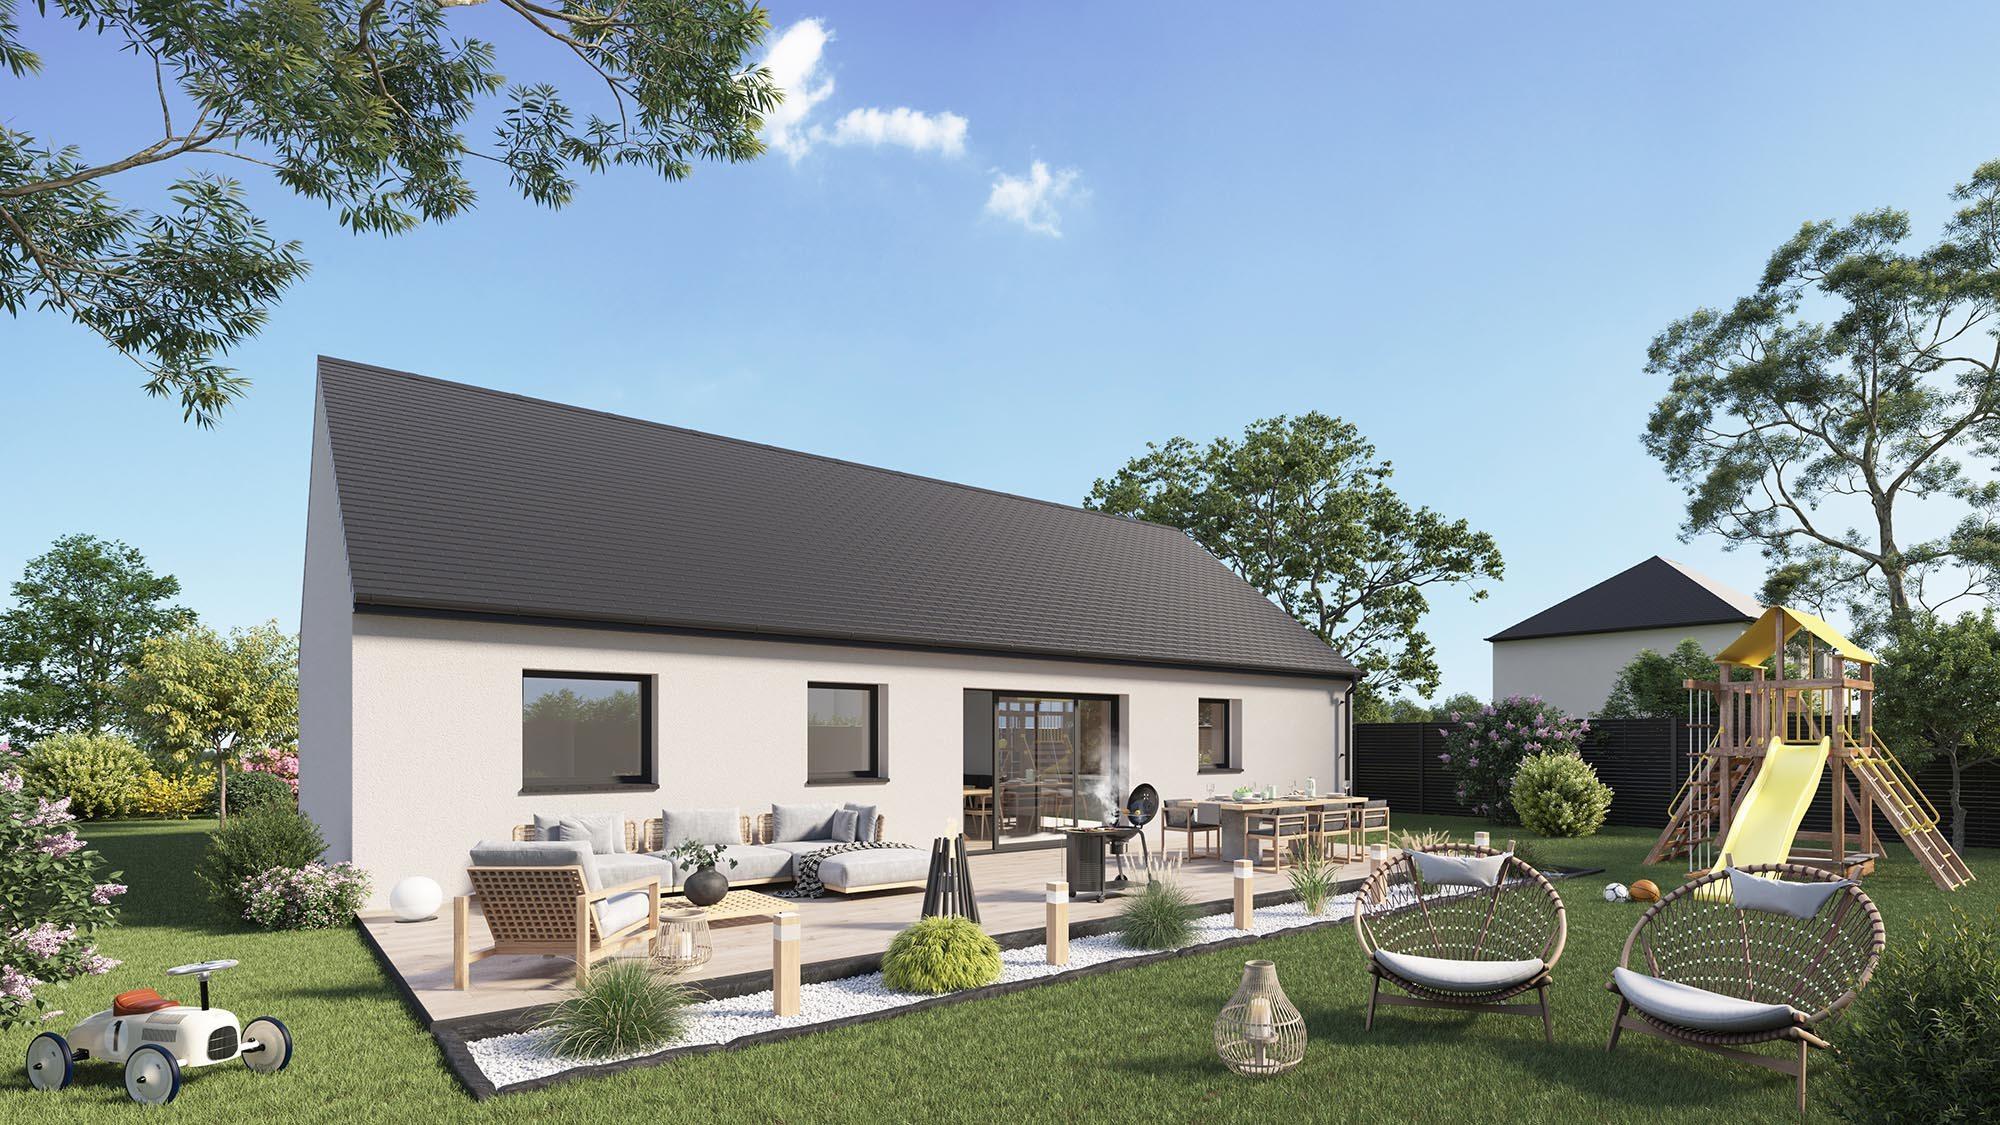 Maisons + Terrains du constructeur MAISON CASTOR REIMS • 96 m² • GUIGNICOURT